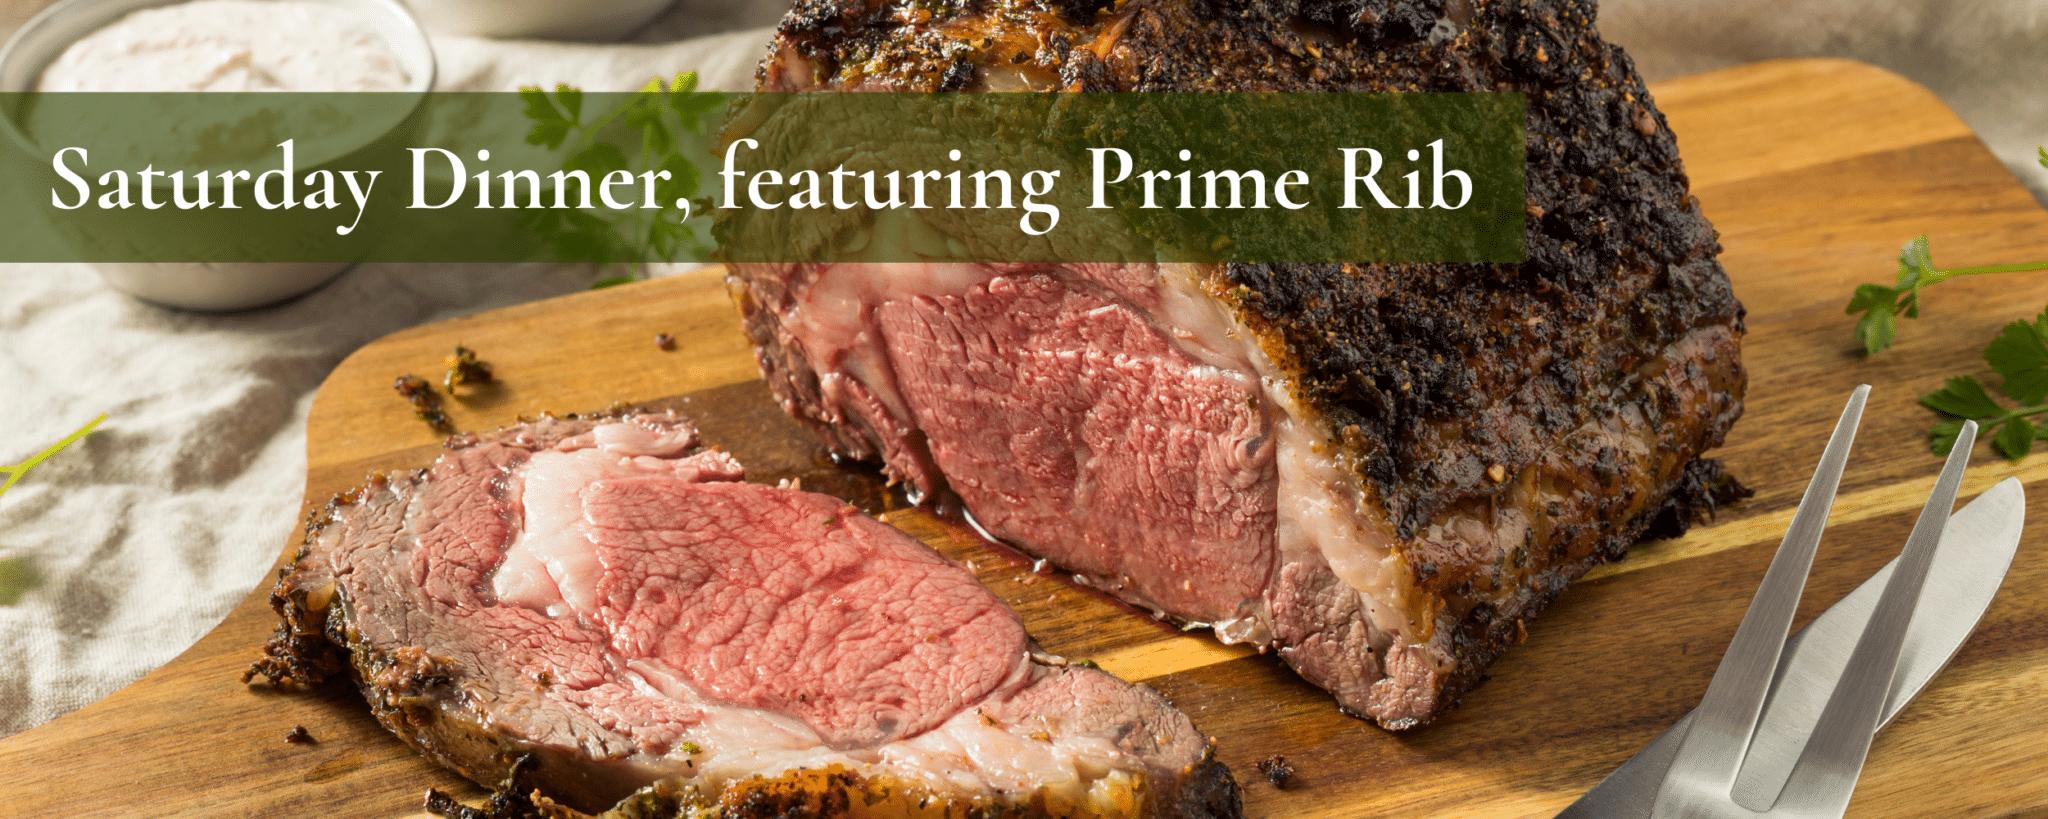 Saturday Dinner, featuring Prime Rib